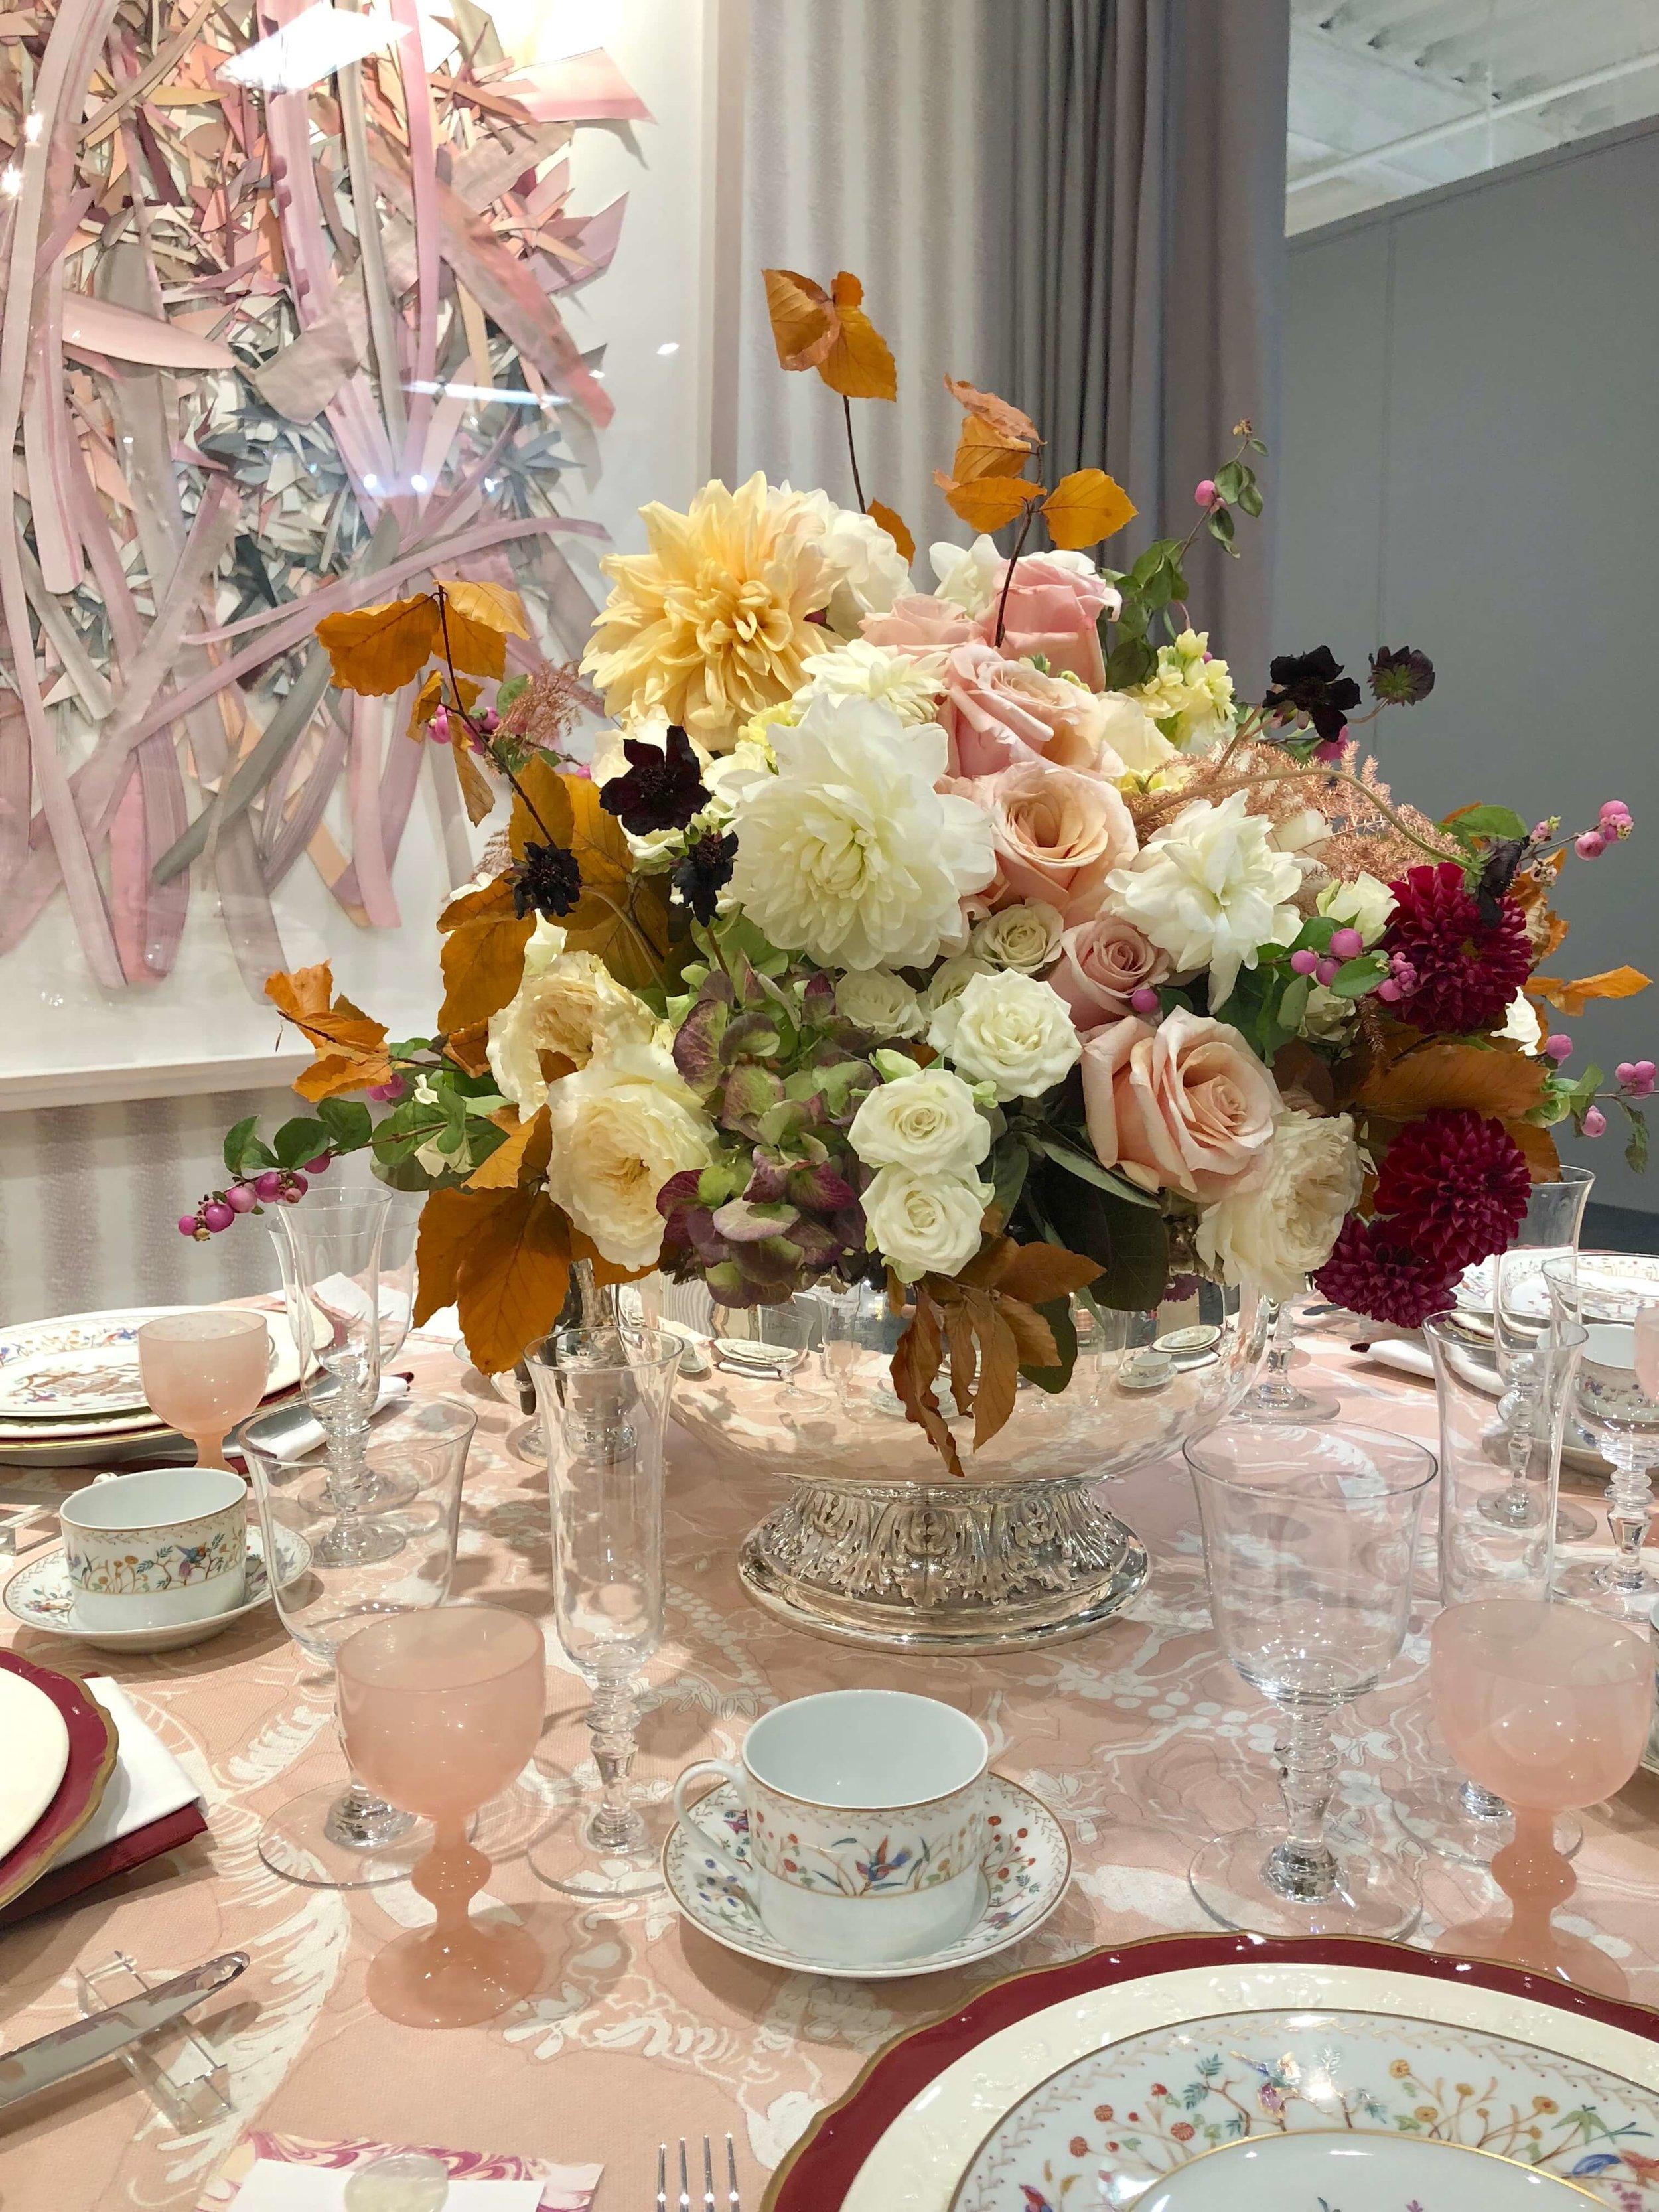 Pink dining room designed by Traci Zeller for Replacements, Ltd. Showroom #hpmkt #pinkroom #diningroomideas #pinktabletop #pinkdiningtable